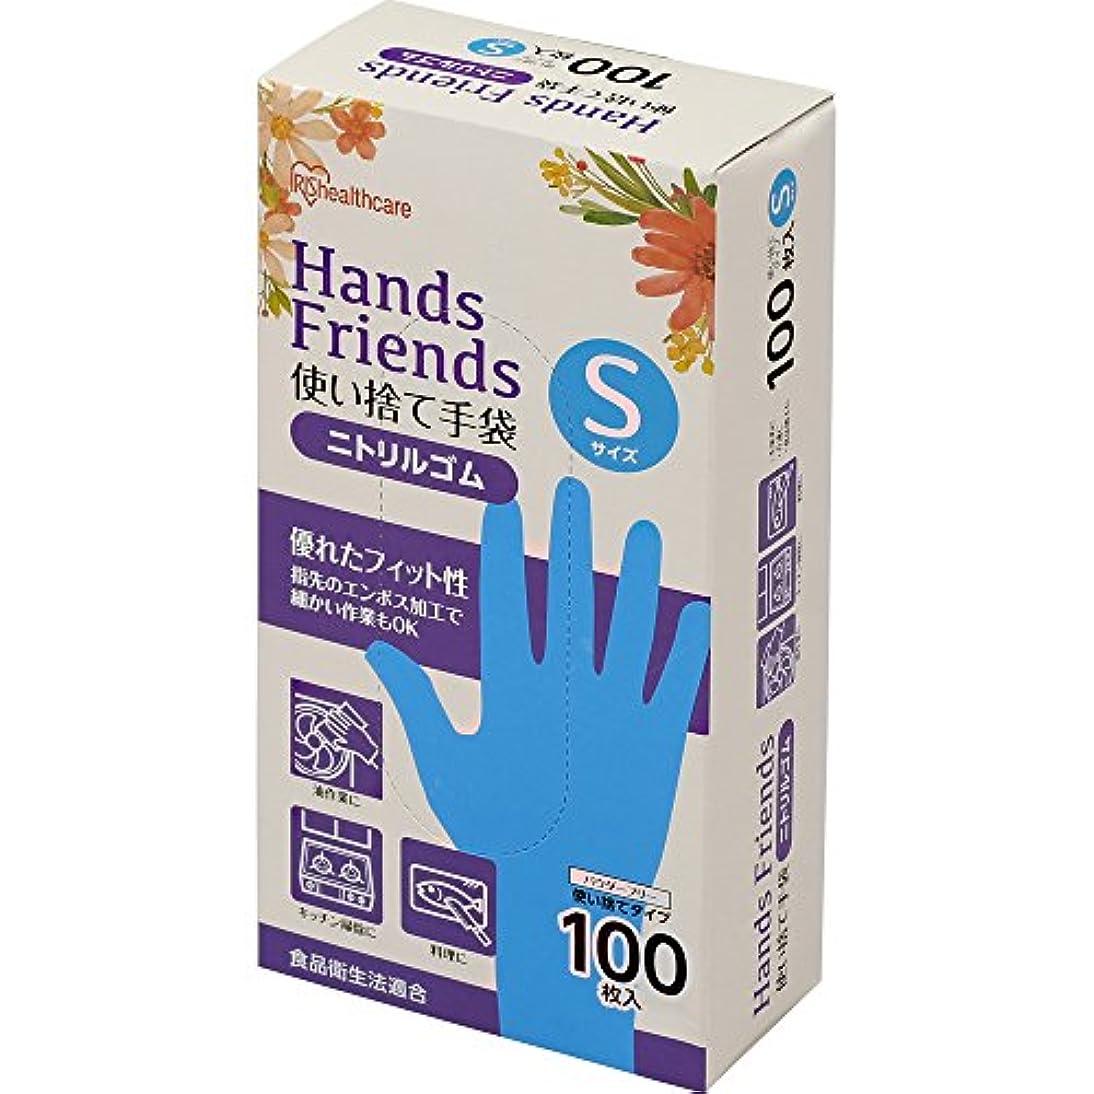 従順証書きらきら使い捨て手袋 ブルー ニトリルゴム 100枚 Sサイズ NBR-100S